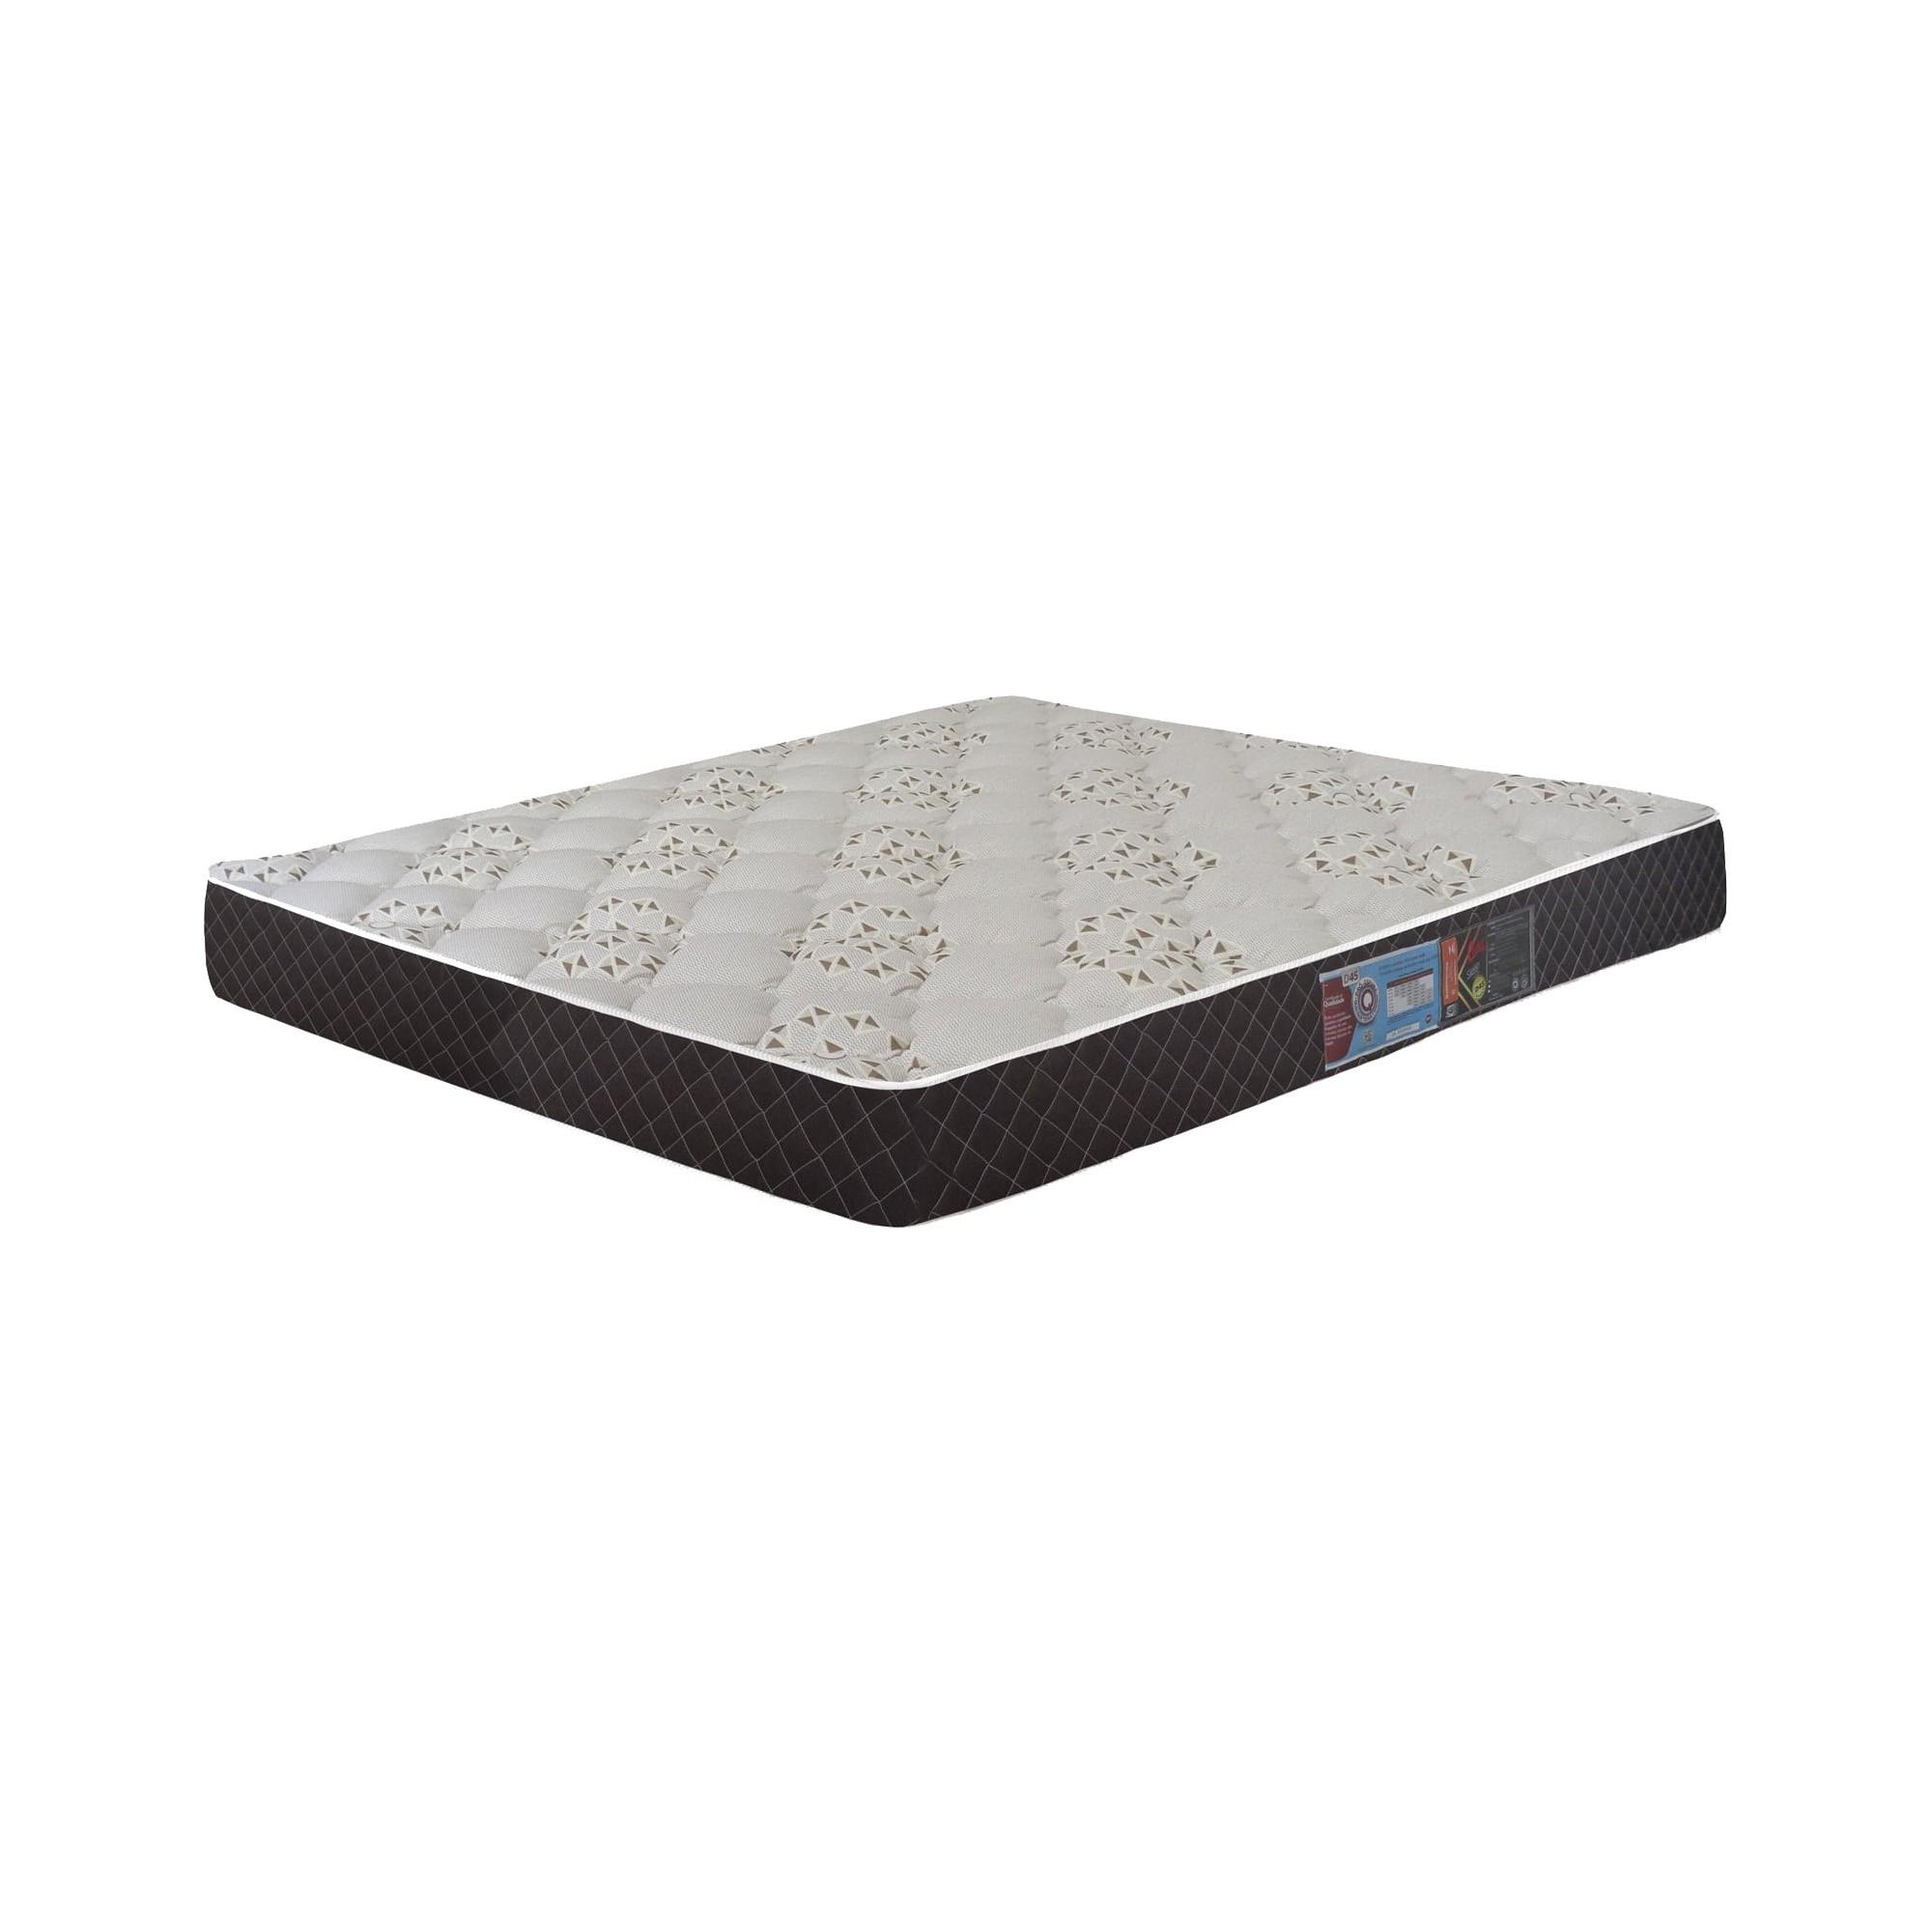 Colchão Castor Sleep Max D45 18 cm [Solteiro 088 x 188 cm]